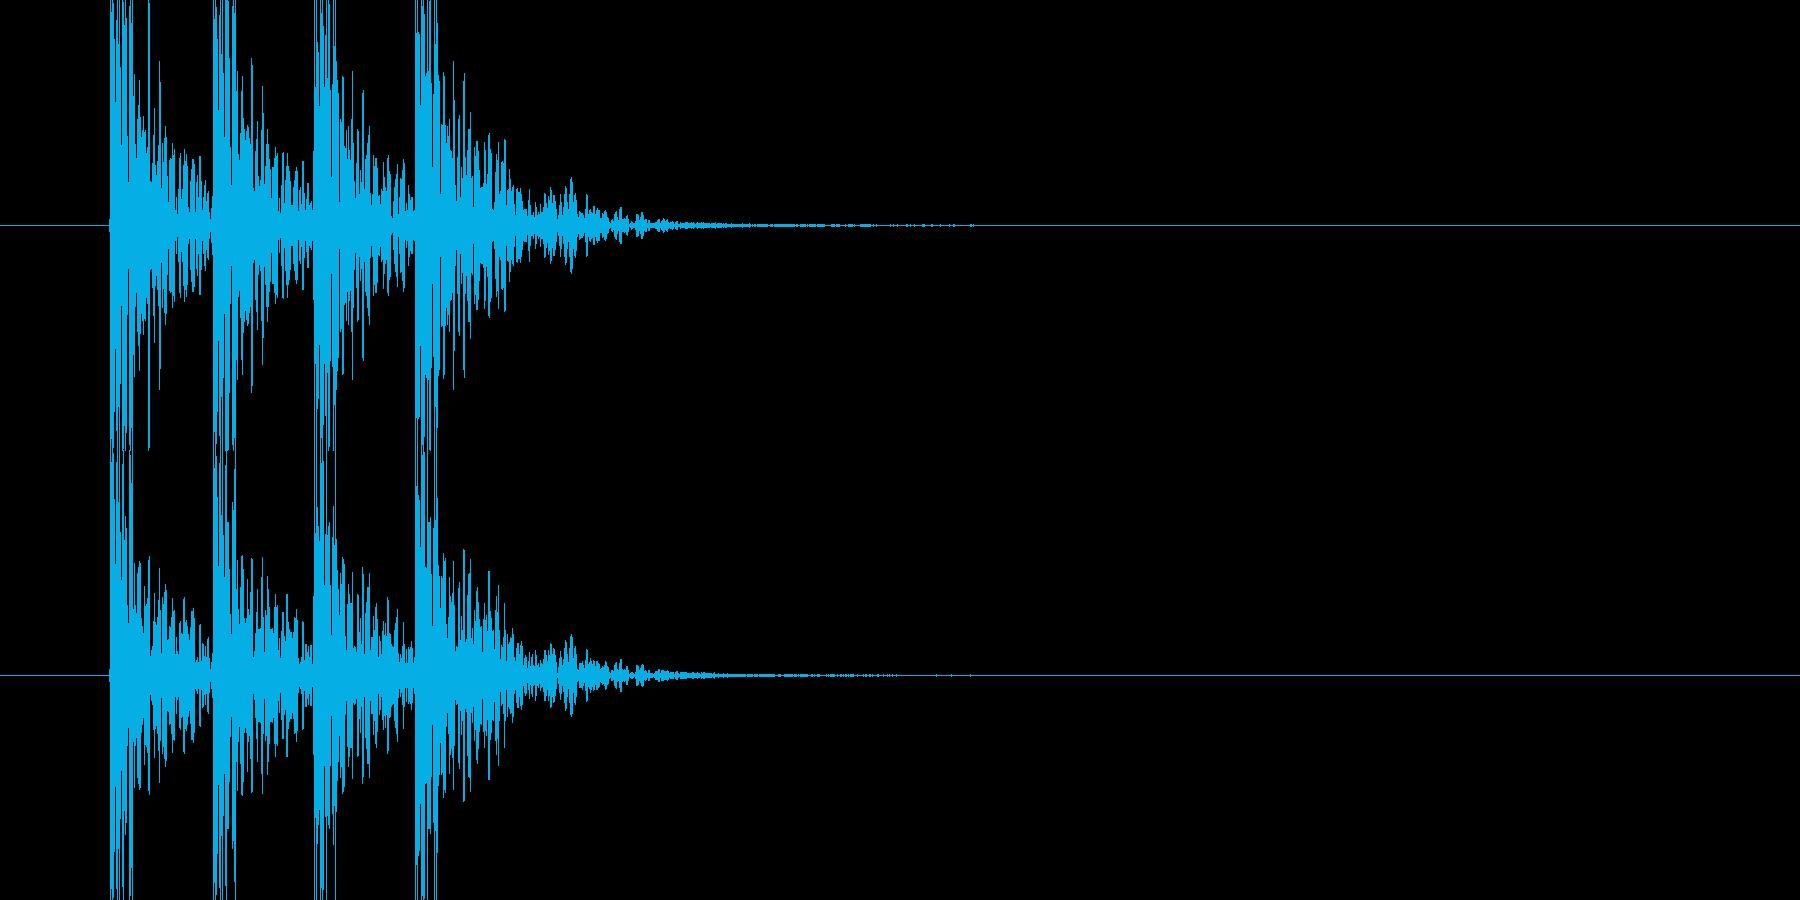 ドンドンドンドン(ドアを叩く音)の再生済みの波形